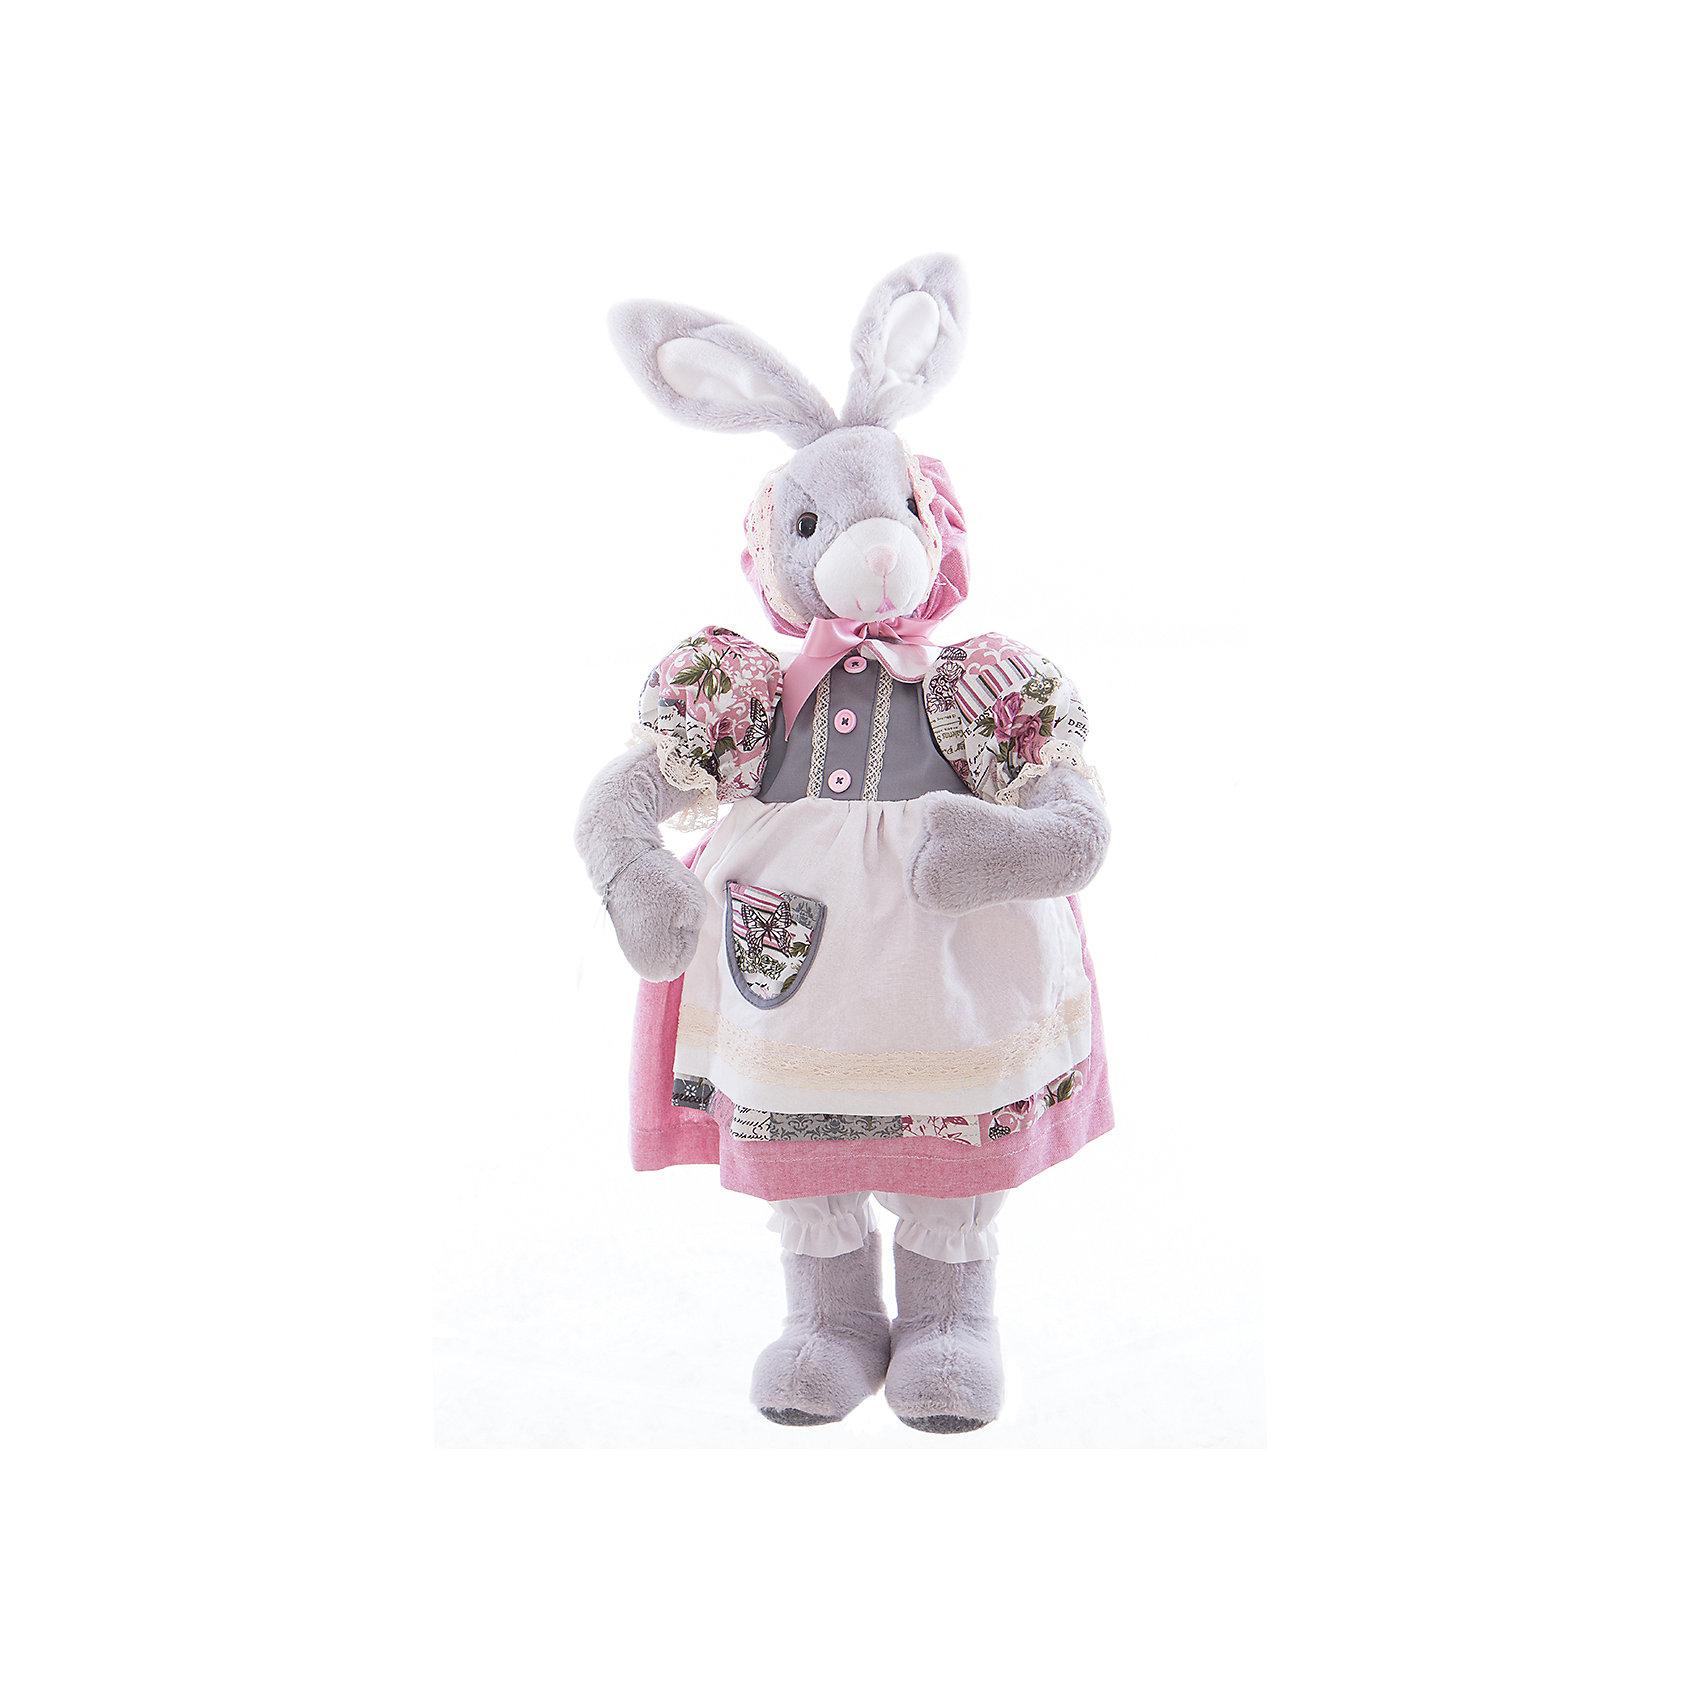 Интерьерная кукла Зайчик C21-288048, EstroПредметы интерьера<br>Характеристики интерьерной куклы:<br><br>- габариты предмета: 40*12*18 см<br>- тип игрушки: животные, мягкая игрушка<br>- персонаж: заяц<br>- вид упаковки: коробка<br>- возрастные ограничения: 3+<br>- состав: полиэстер, пластик, текстиль<br>- стиль: классический, прованс<br>- материал изготовления: высококачественный пластик, полиэстер, ткань<br>- бред: Estro<br>- страна бренда: Италия<br>- страна производитель: Китай<br><br>Кукла – зайчиха придаст неповторимость Вашему интерьеру, принесет уют в Ваш дом. При изготовлении куклы торговой марки Estro применяются только качественные, высококлассные материалы. <br><br>Интерьерную куклу заяц итальянской торговой марки Estro можно купить в нашем интернет-магазине.<br><br>Ширина мм: 200<br>Глубина мм: 300<br>Высота мм: 700<br>Вес г: 1112<br>Возраст от месяцев: 36<br>Возраст до месяцев: 1188<br>Пол: Женский<br>Возраст: Детский<br>SKU: 5356611